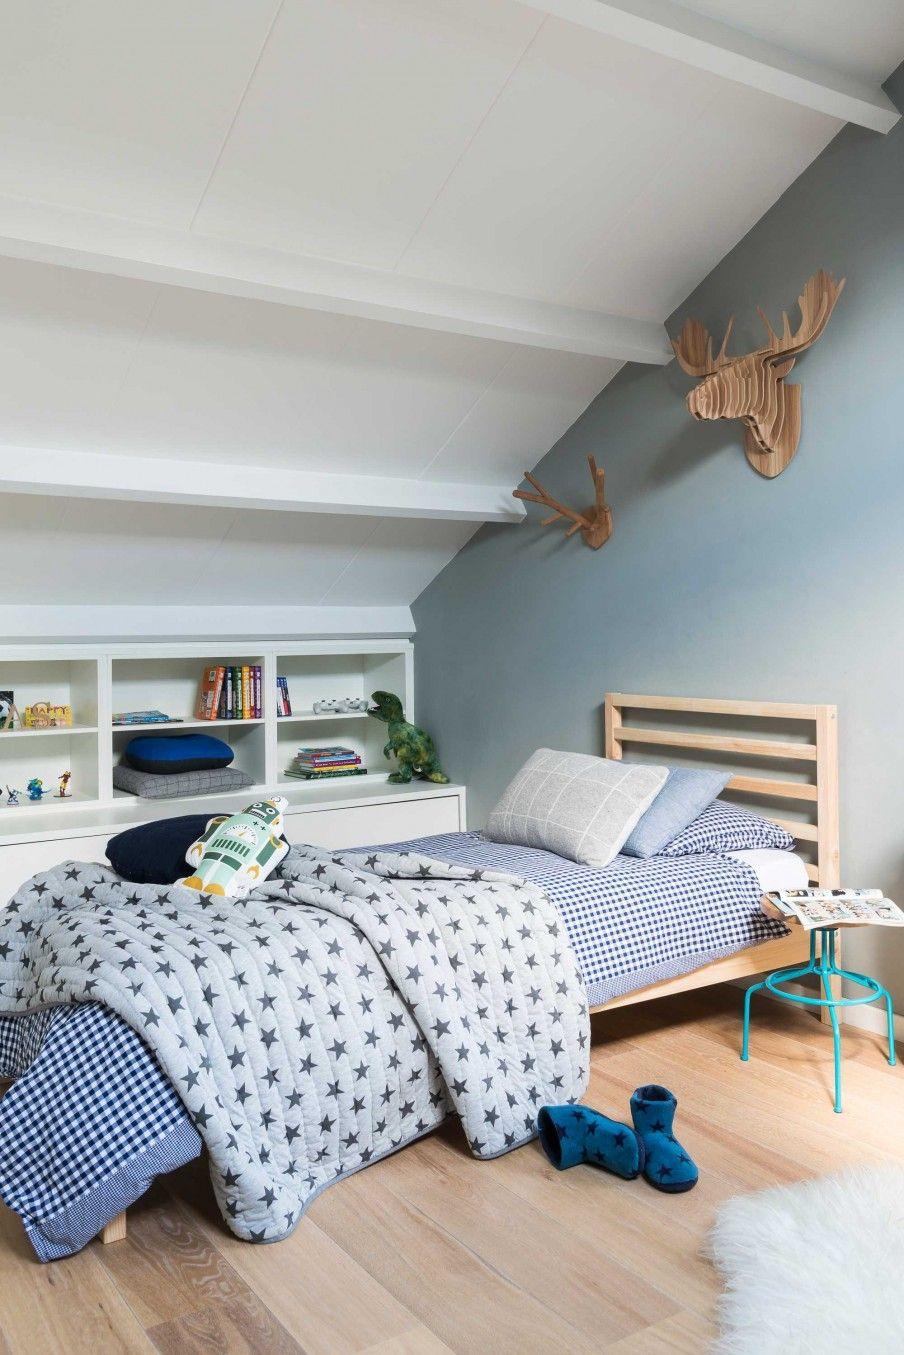 slaapkamer bedroom vtwonen 06 2017 fotografie styling jonah samyn